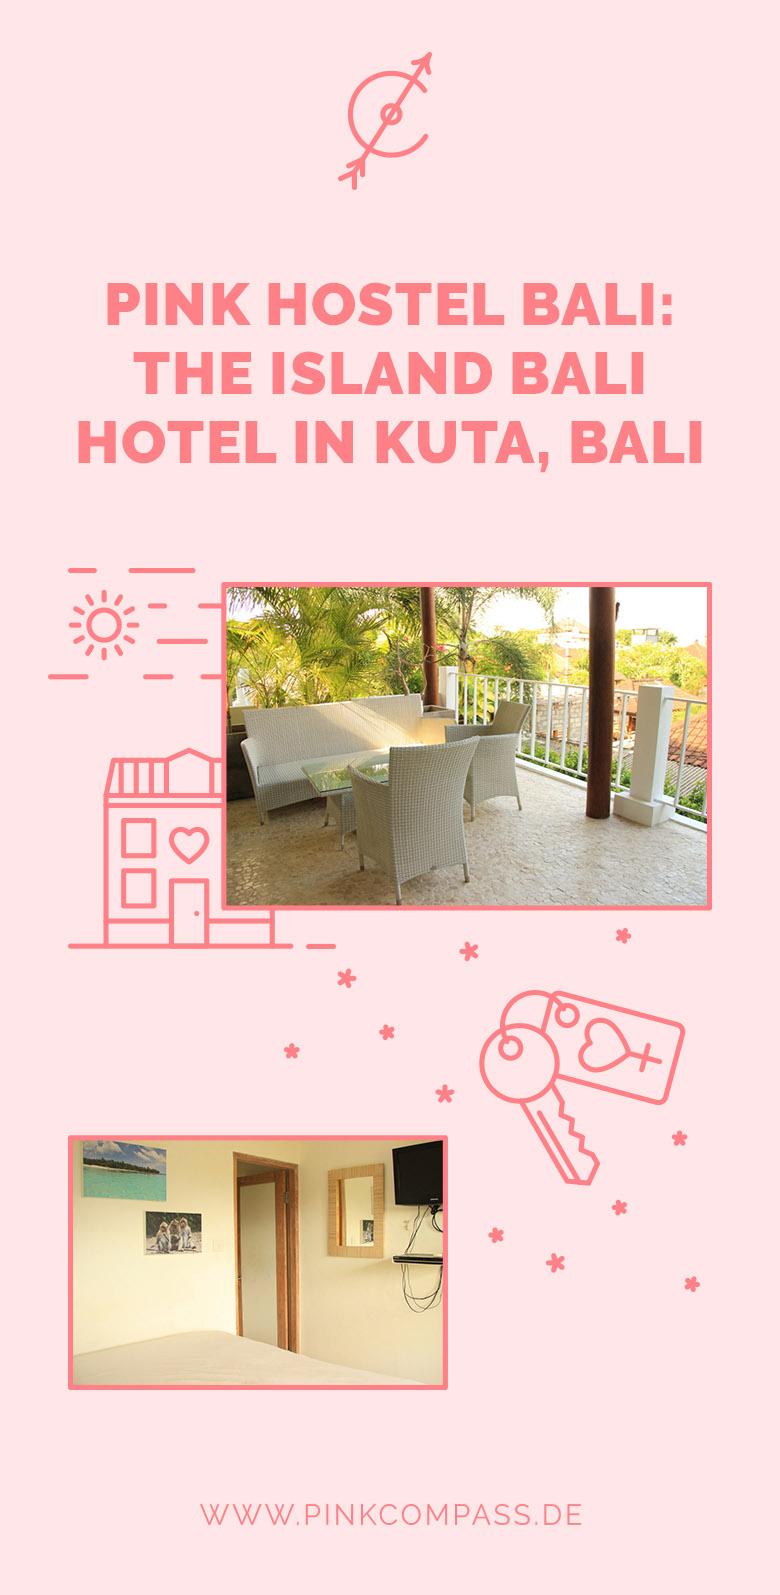 Meine Pink Hostel Empfehlung: The Island Bali Hotel in Kuta, Bali